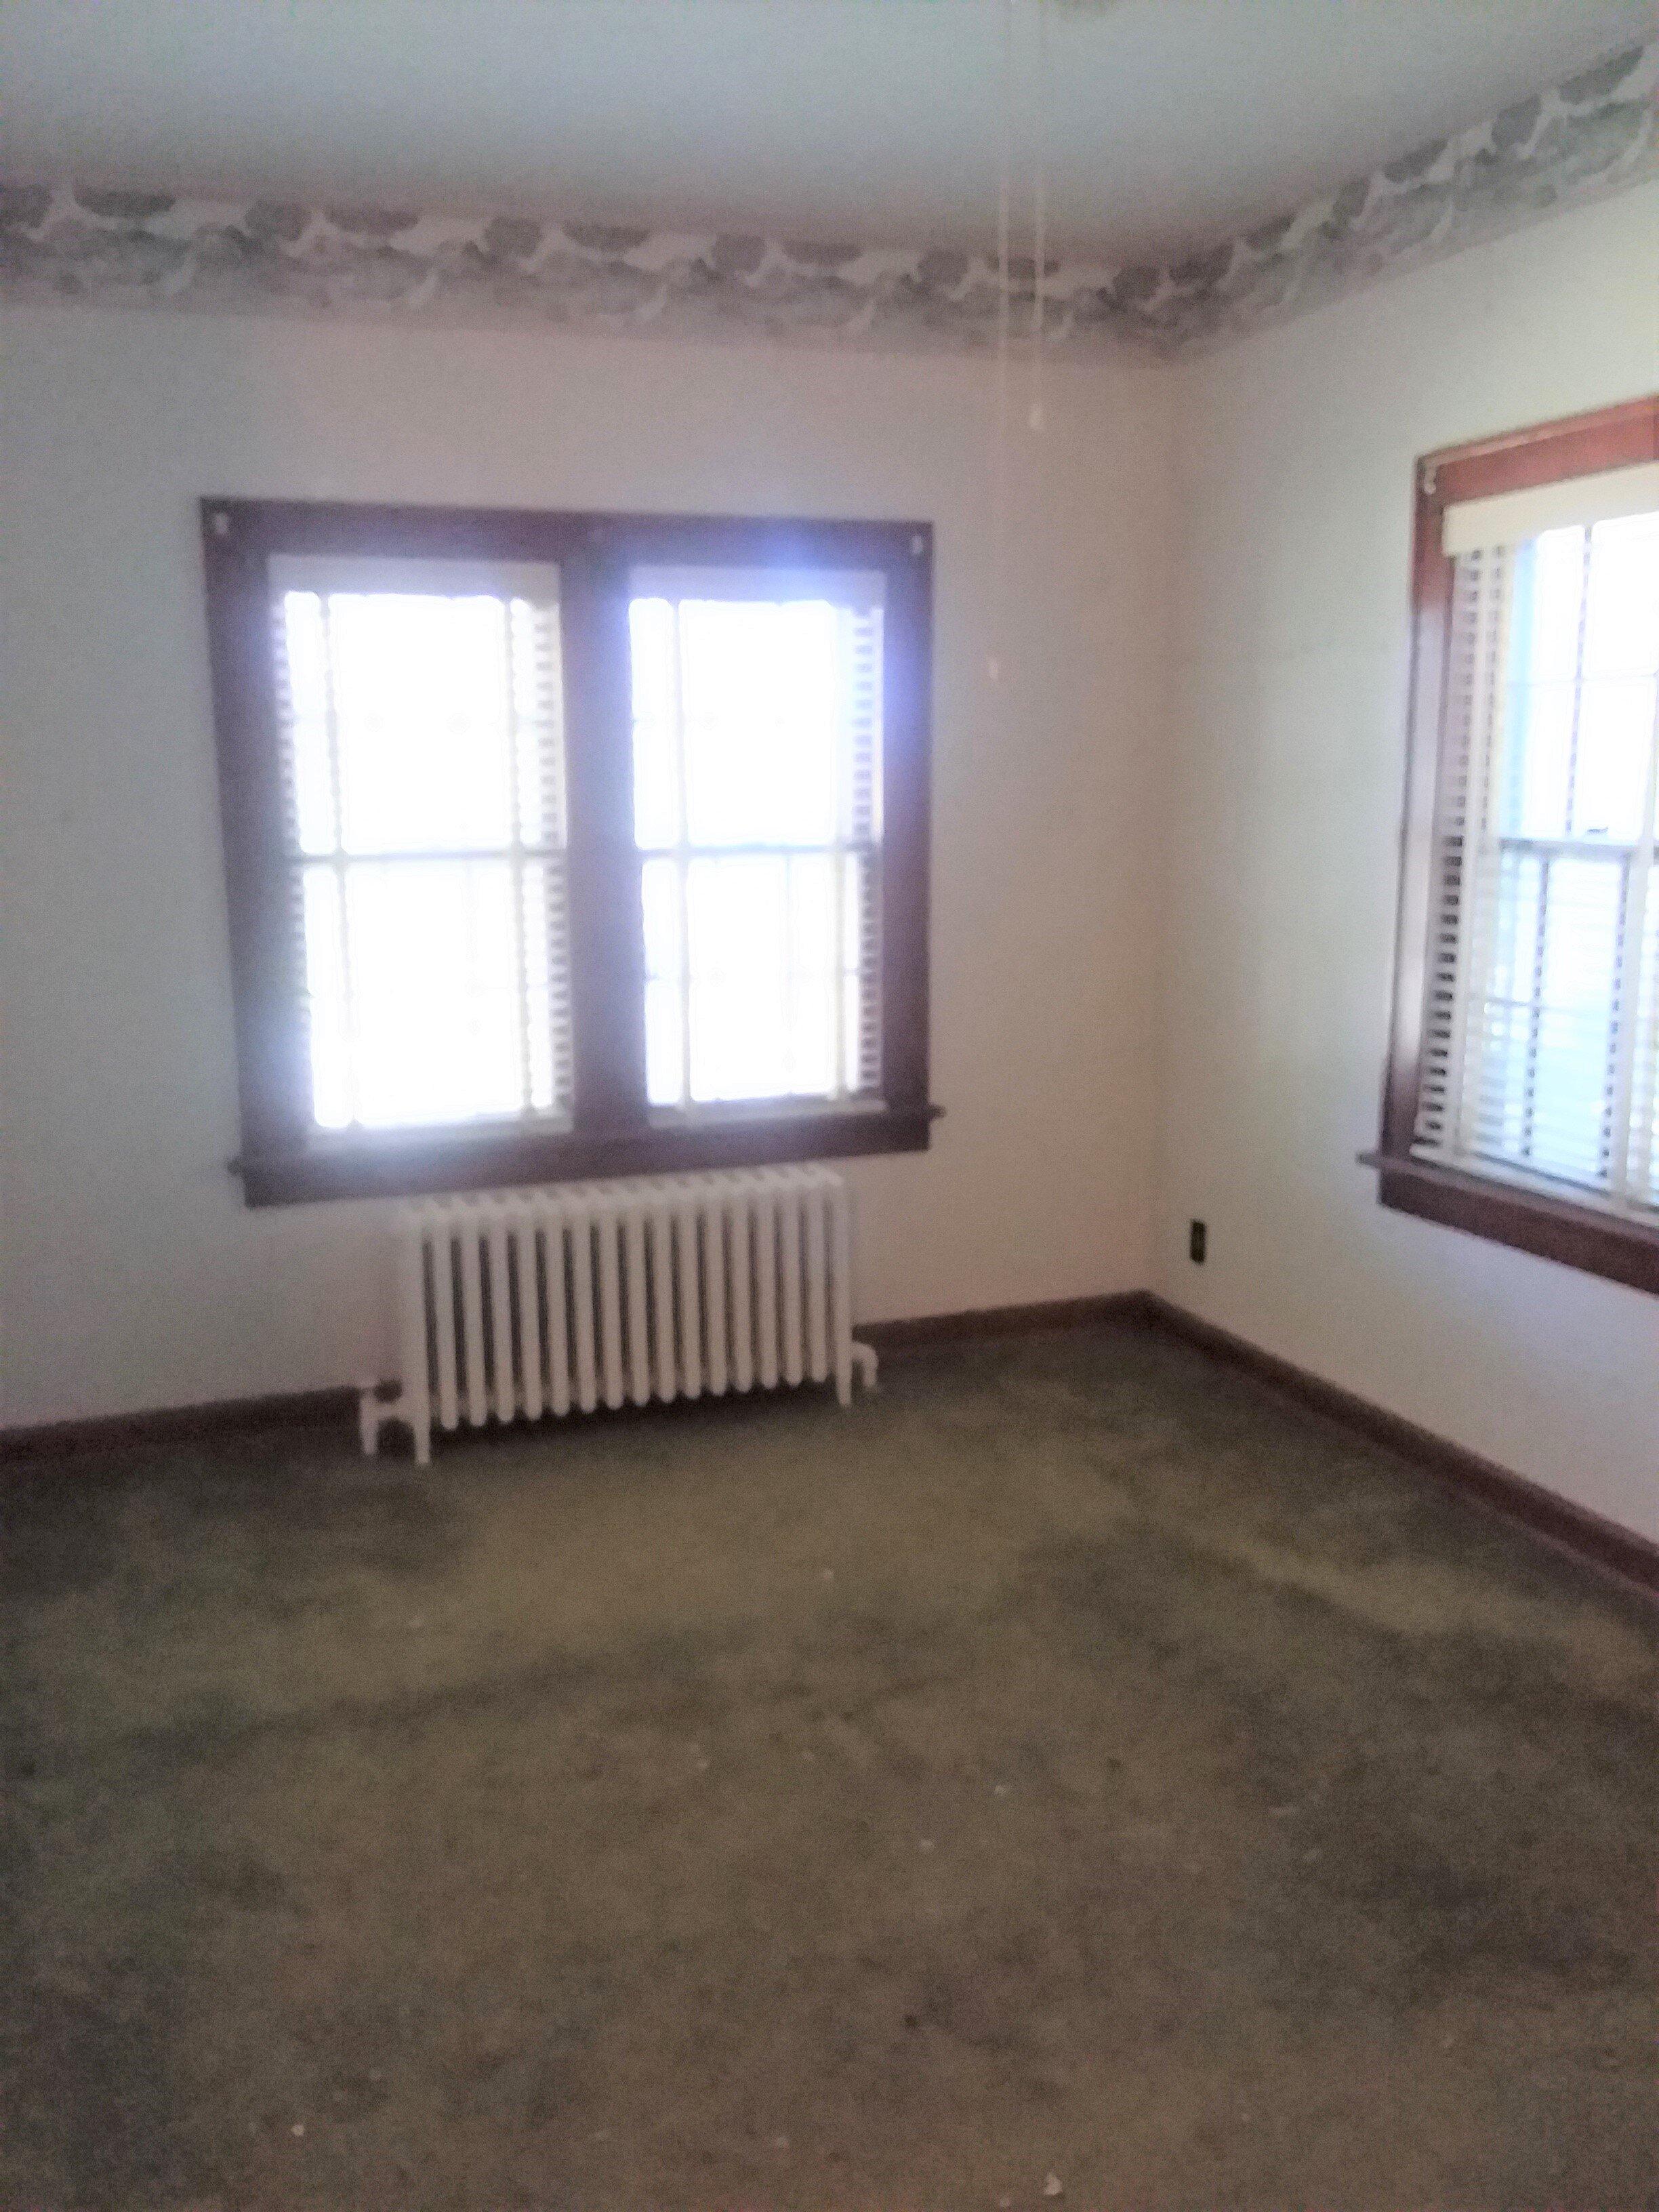 Northwest bedroom main floor.jpg